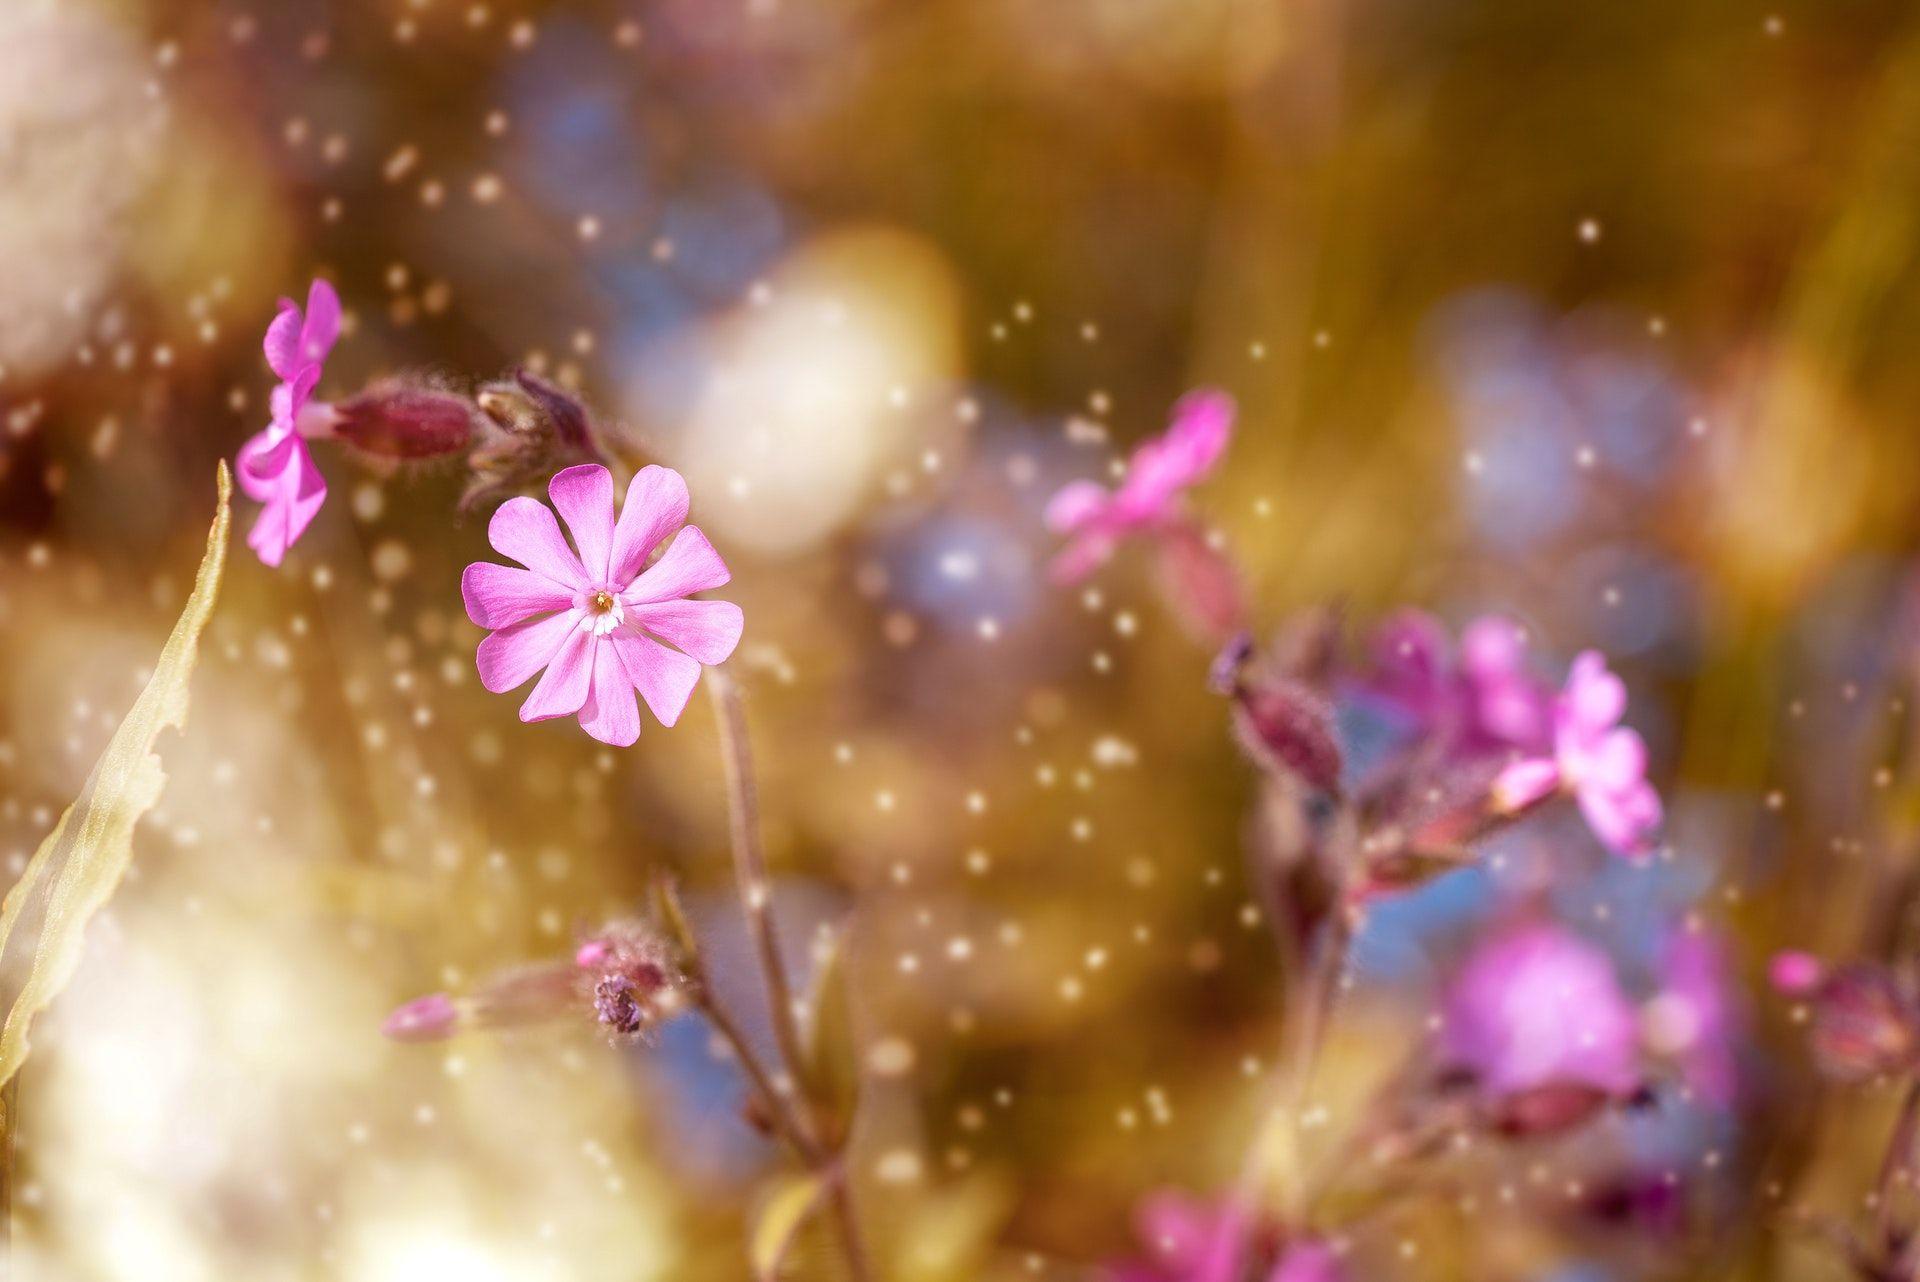 عکس زمینه گل های صورتی زیبا پس زمینه